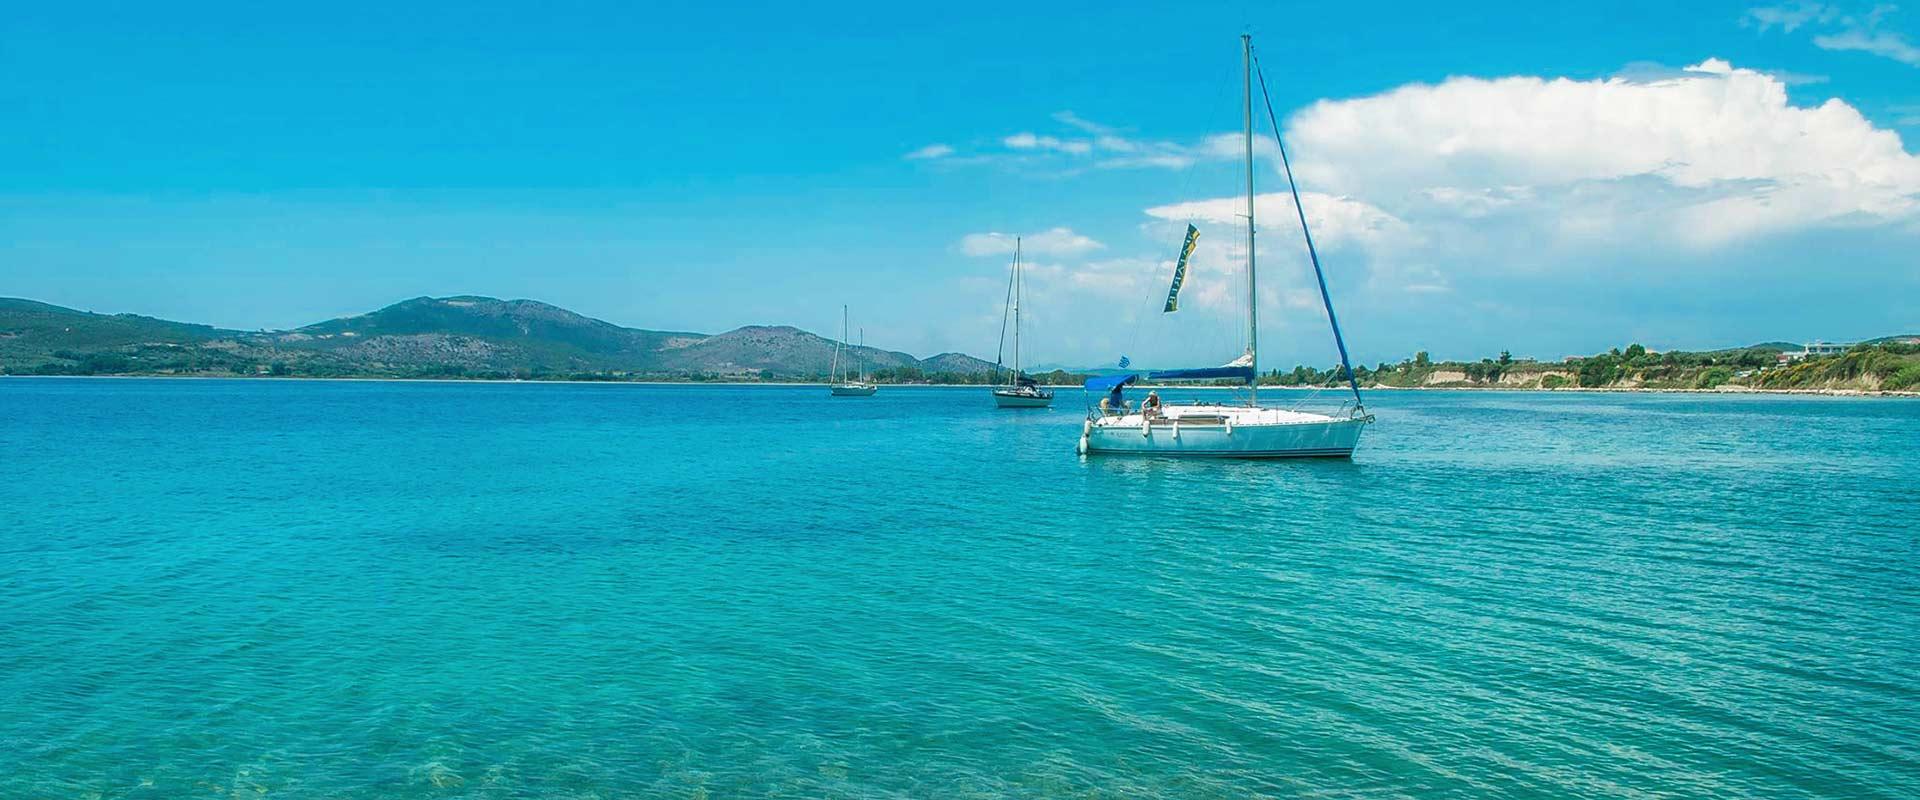 Paleros Beaches - Visit Paleros